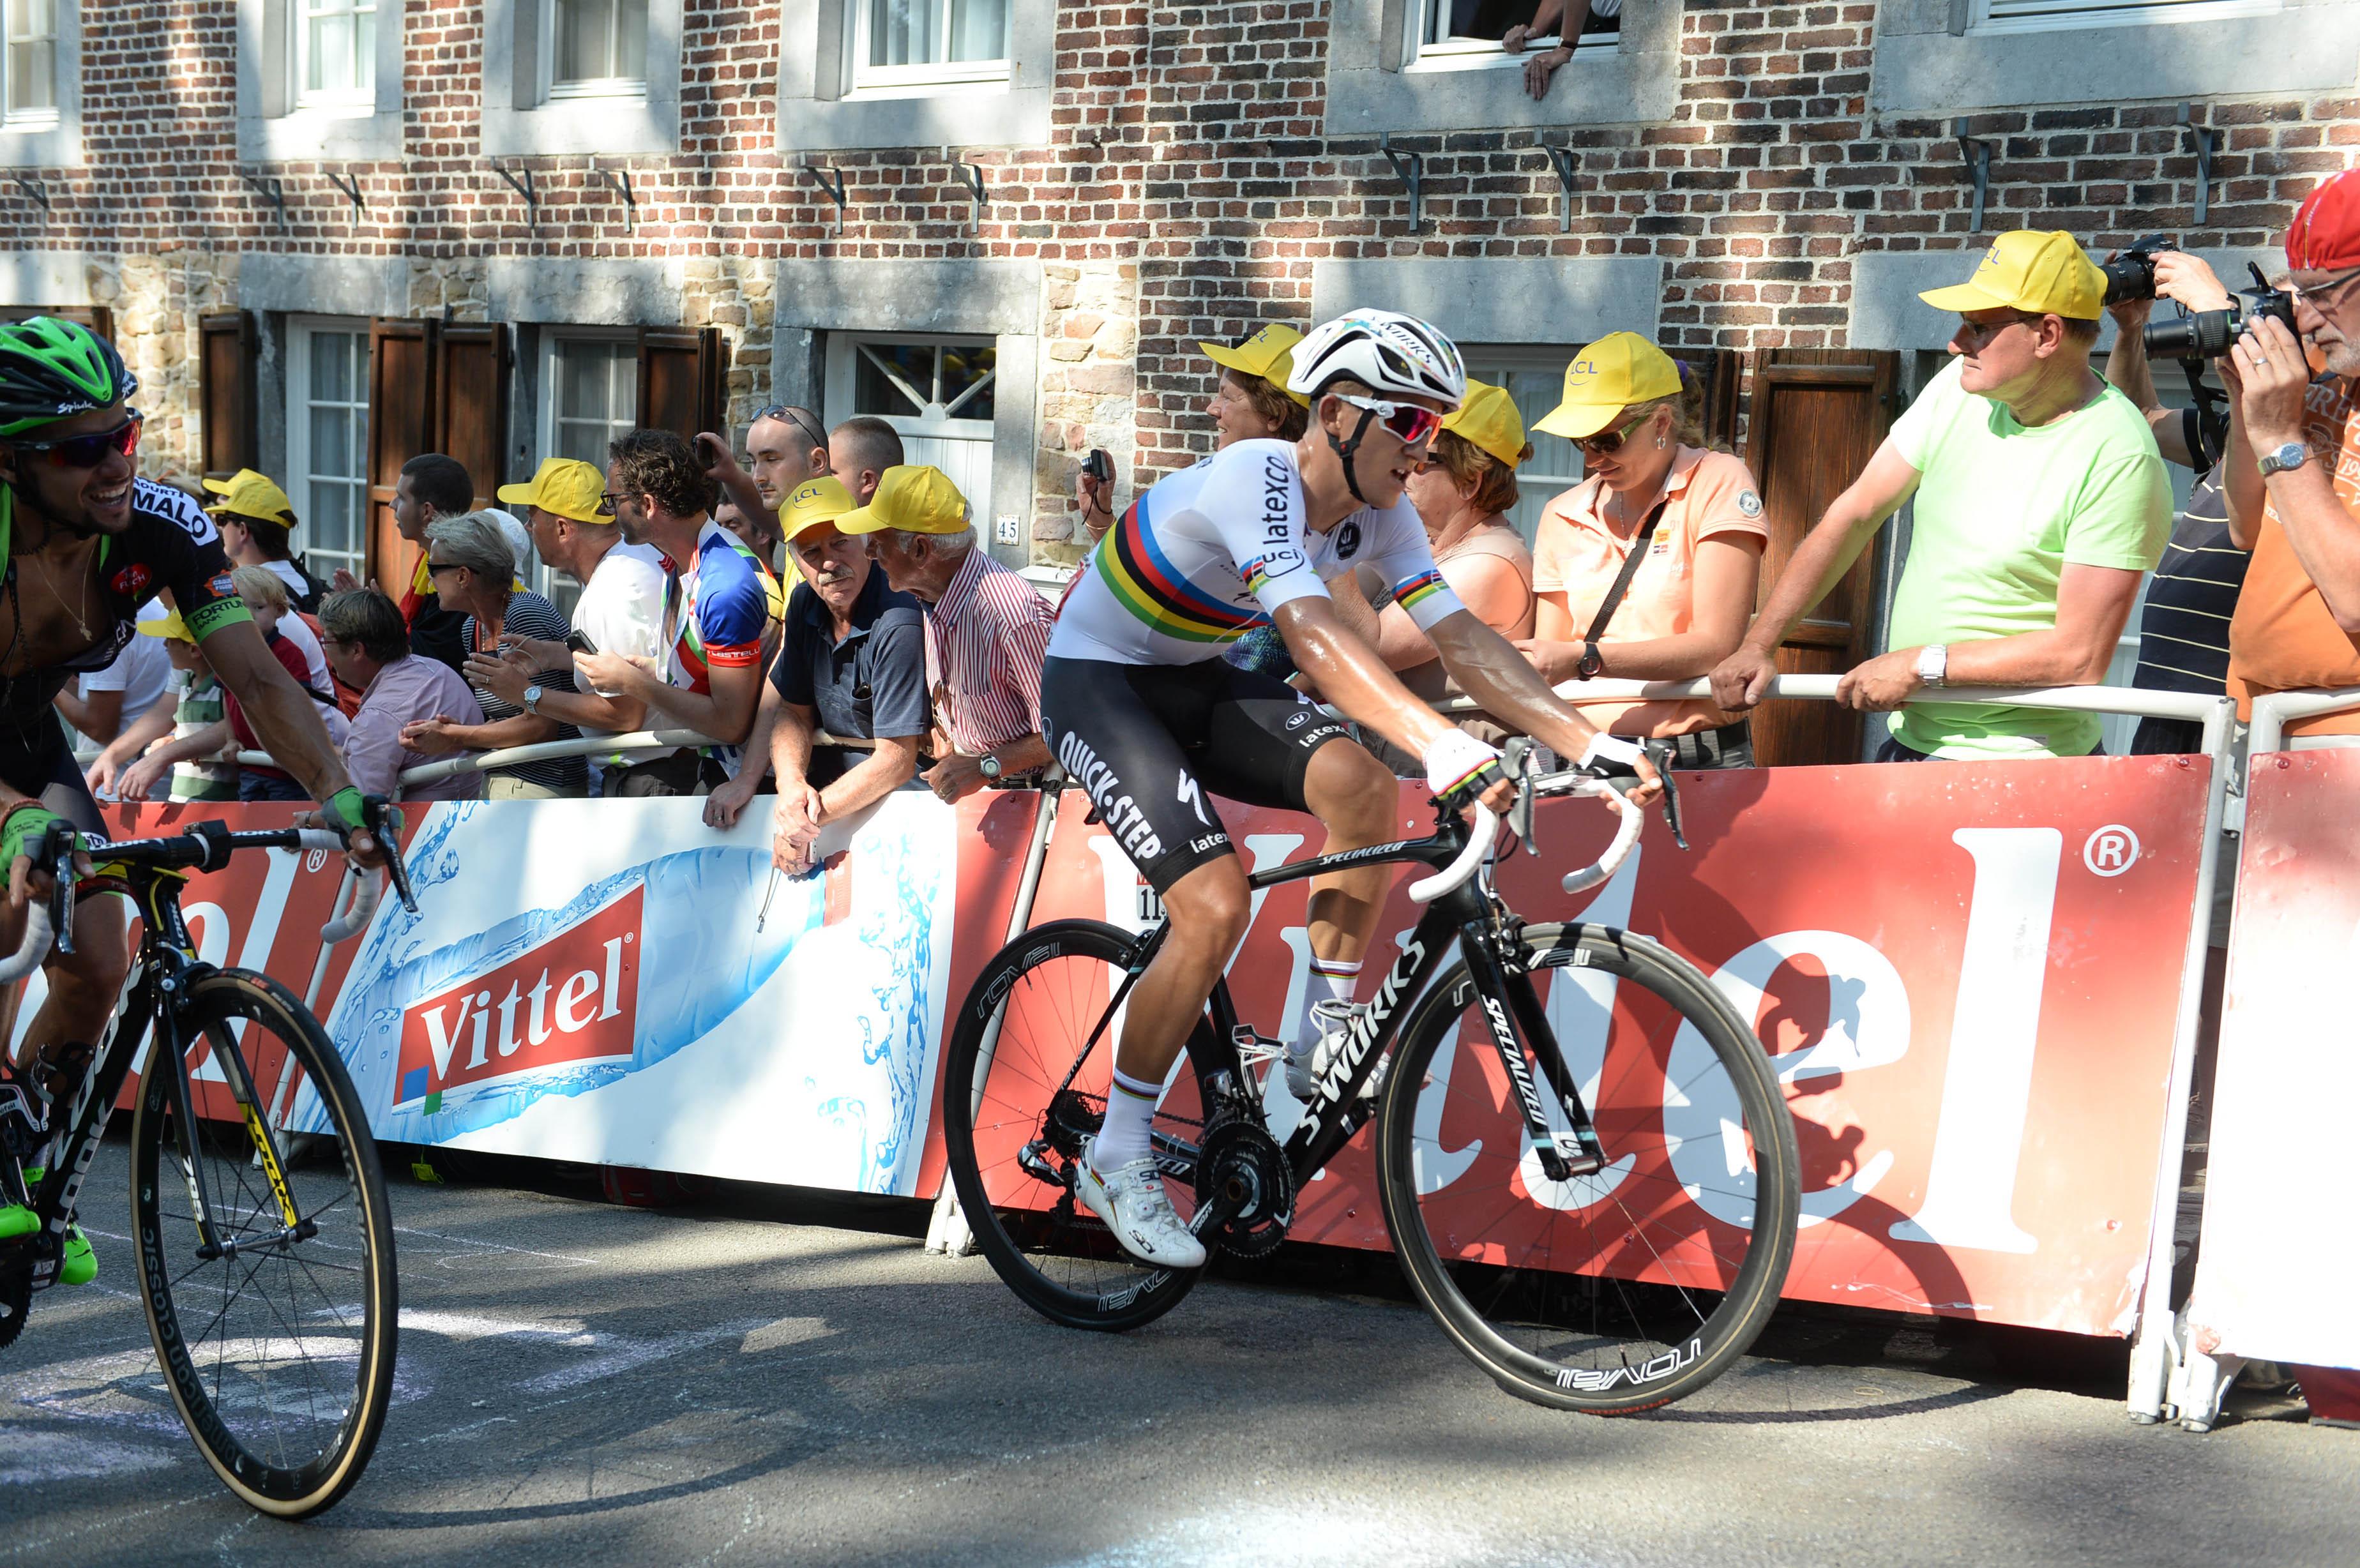 Michal Kwiatkowski - Tour de France 2015. (pic: Sirotti)